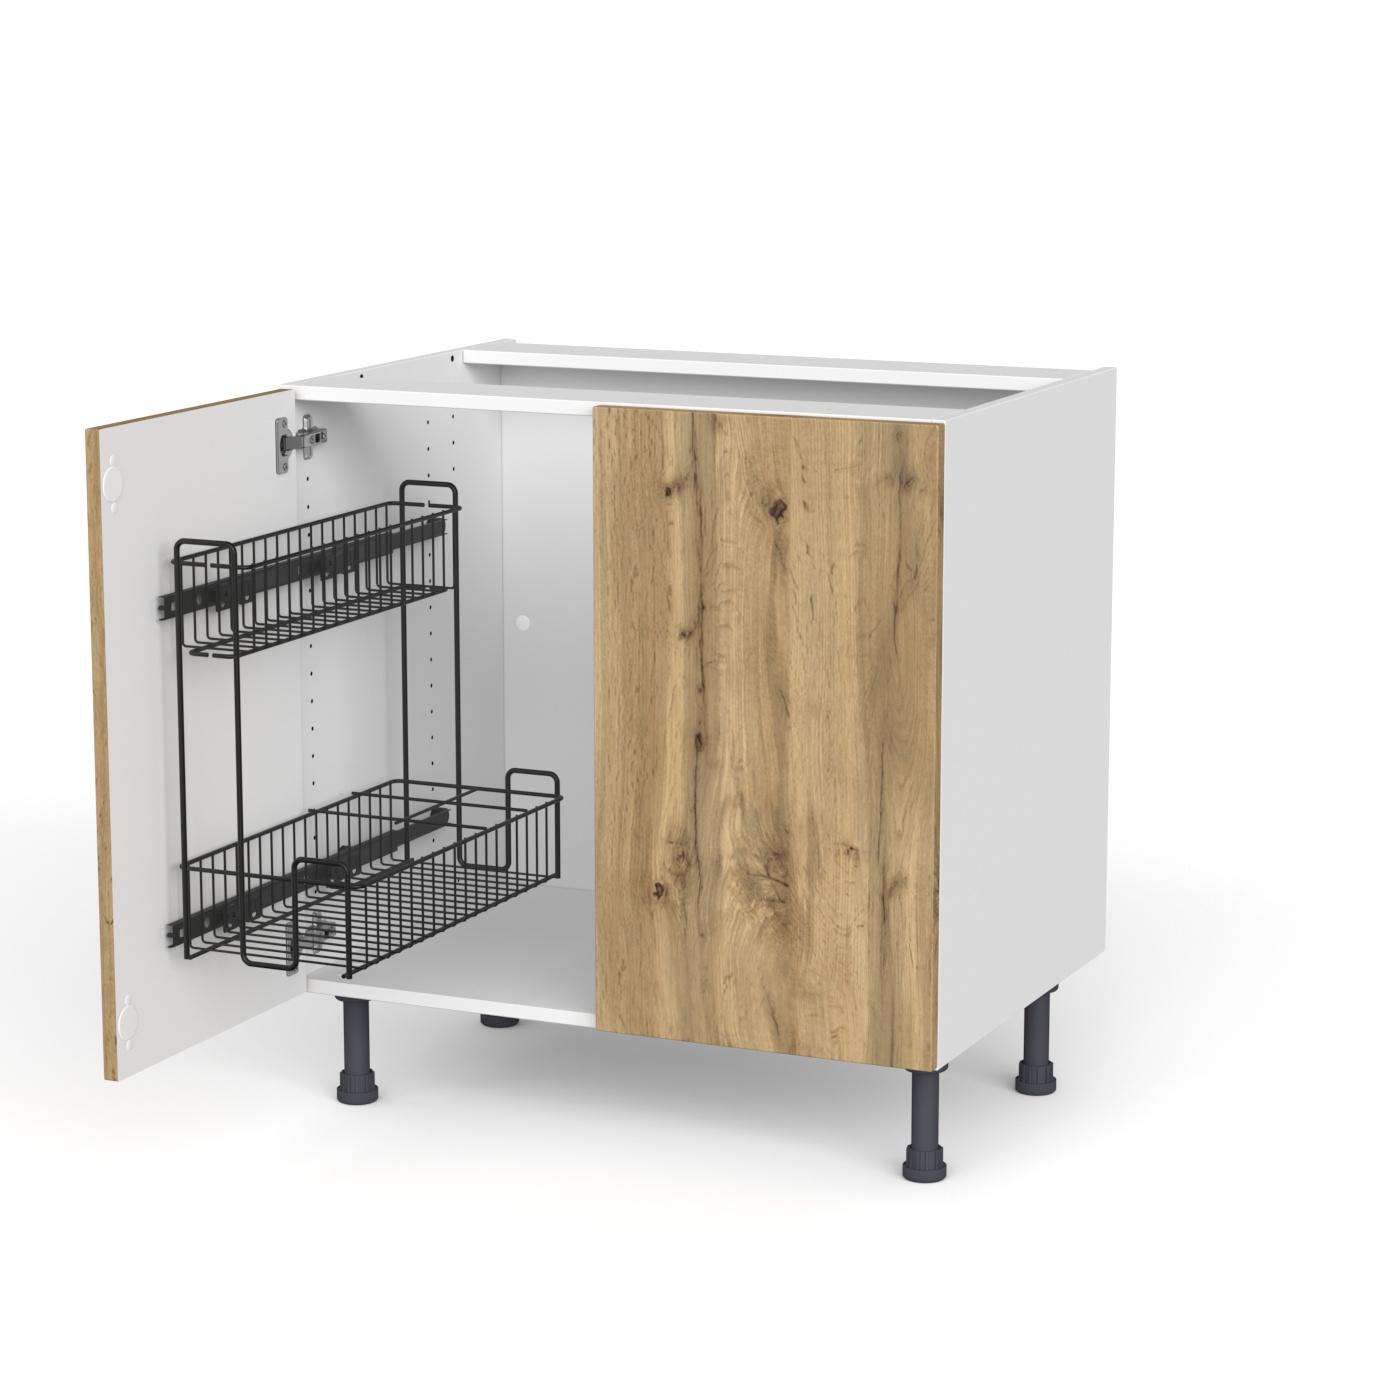 Meuble de cuisine Sous évier OKA Chêne, 14 portes lessiviel, L14 x H14 x P14  cm